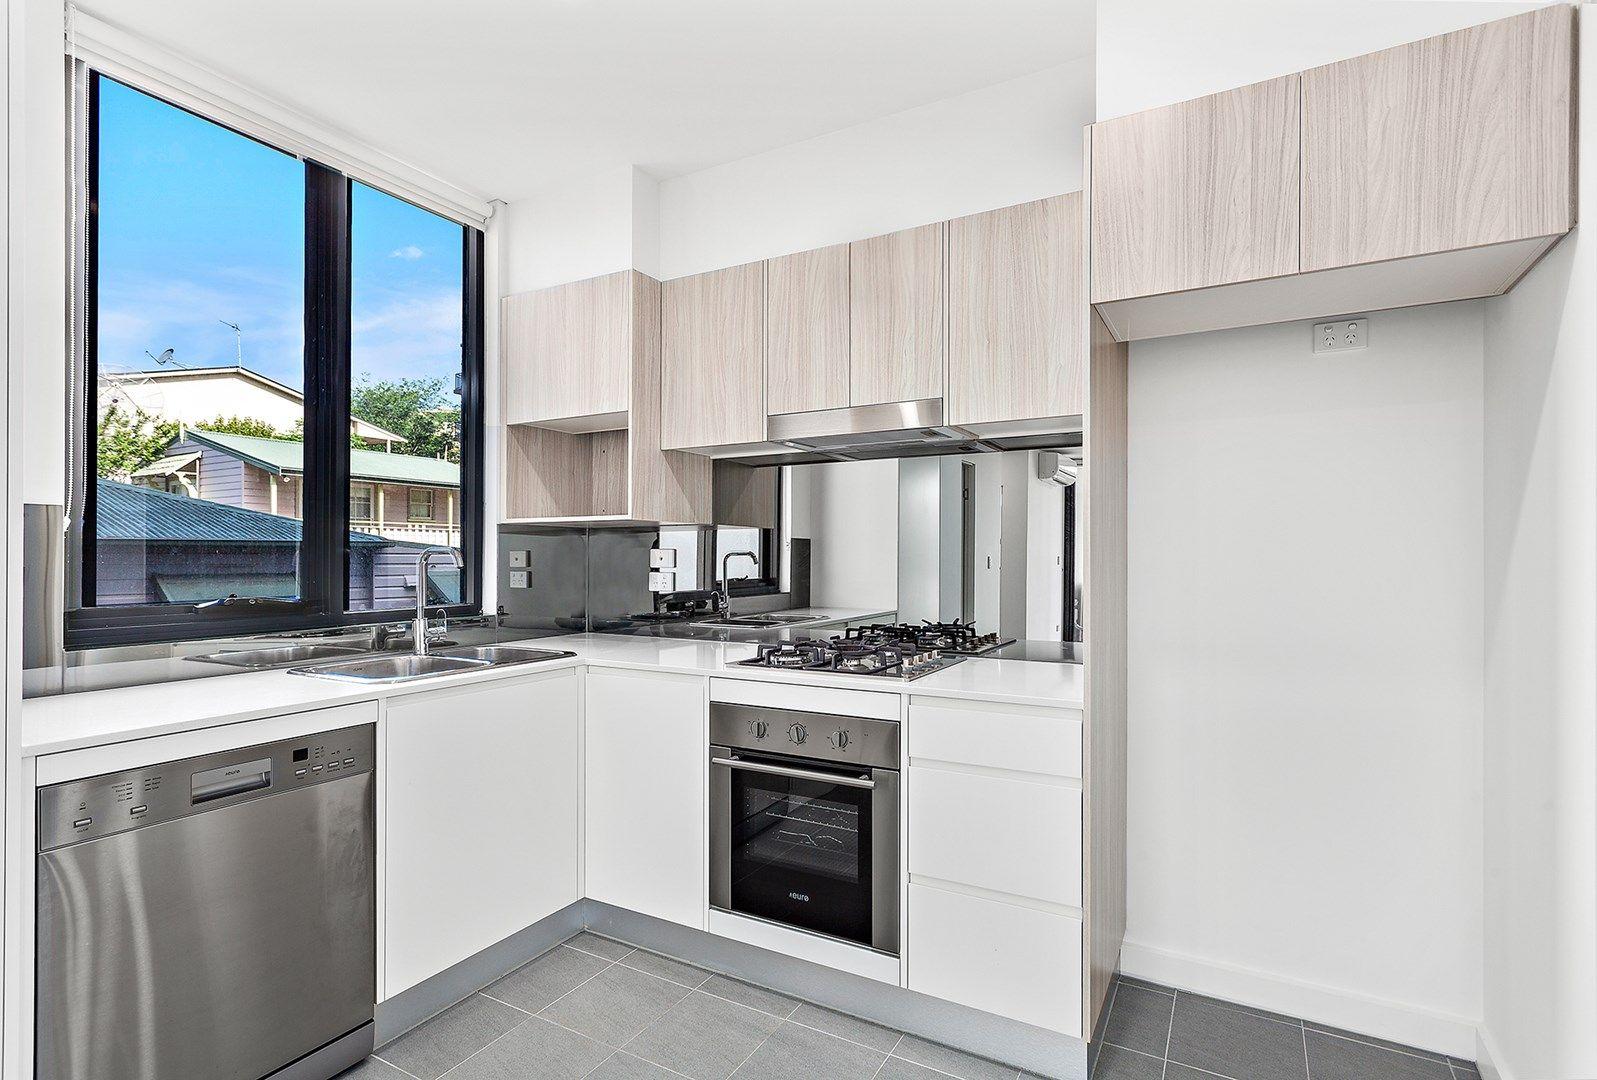 7/3-5 Wiseman Avenue, Wollongong NSW 2500, Image 0